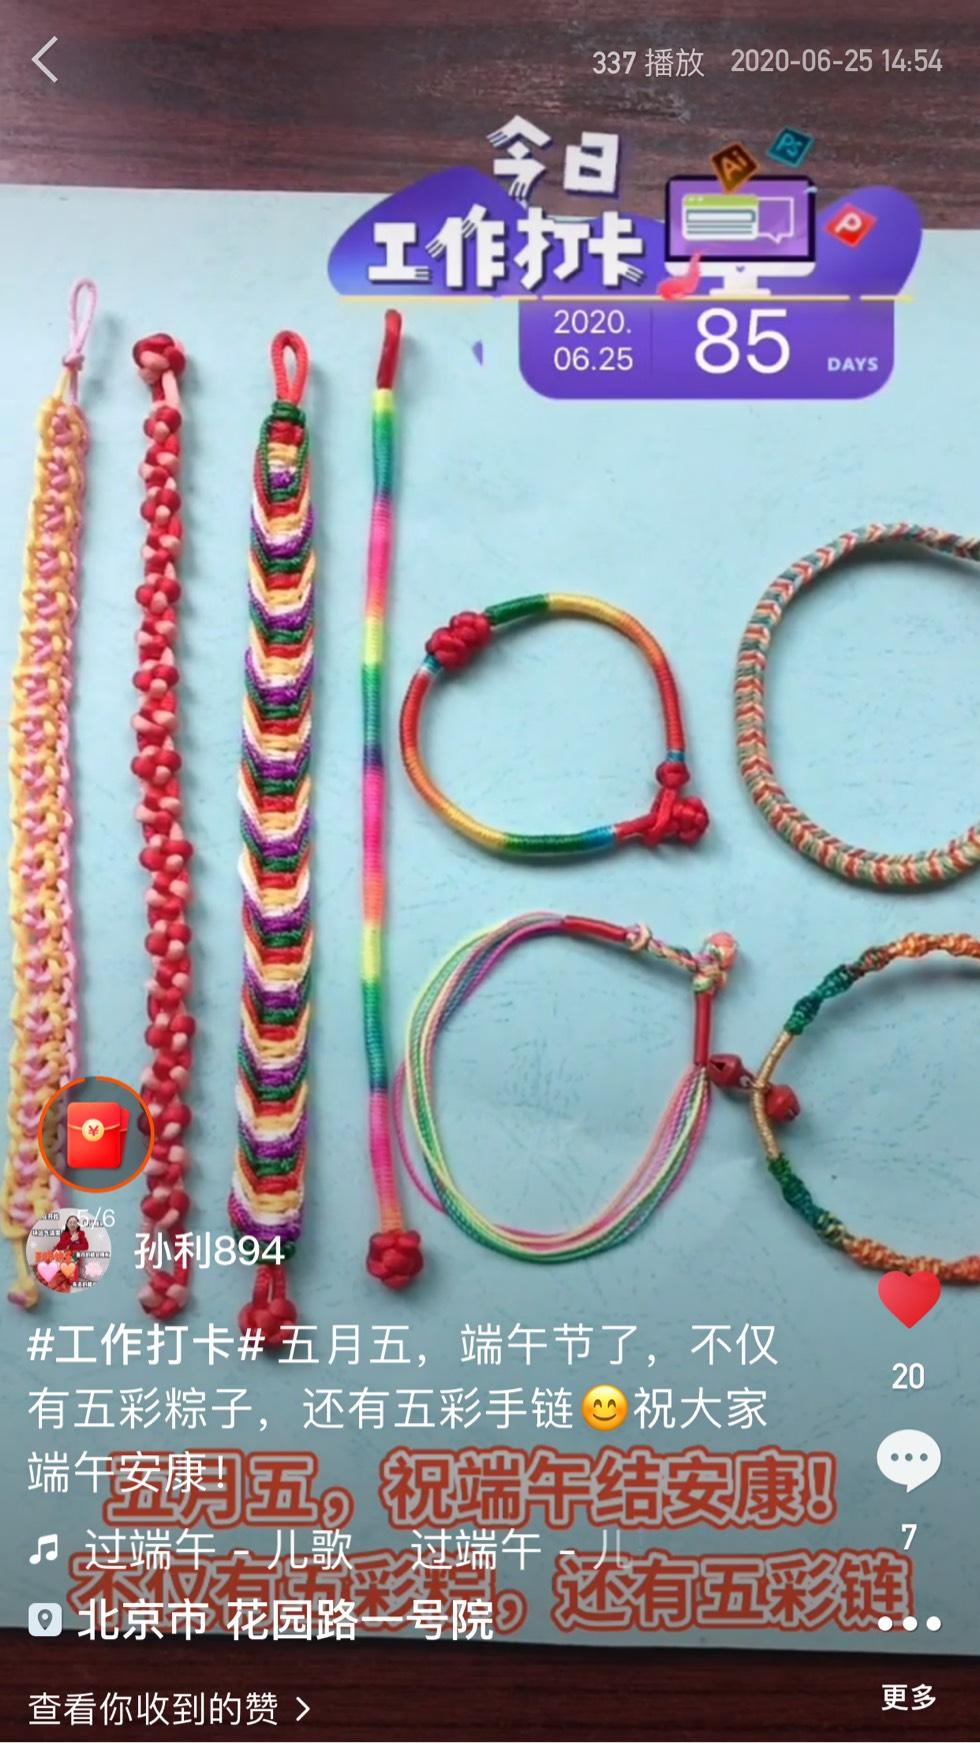 中国结论坛 再祝端午安康!端午手链,还有很多… 手链,还有很多,很多,还有,端午 作品展示 072034gbbzvnjobz436p3p